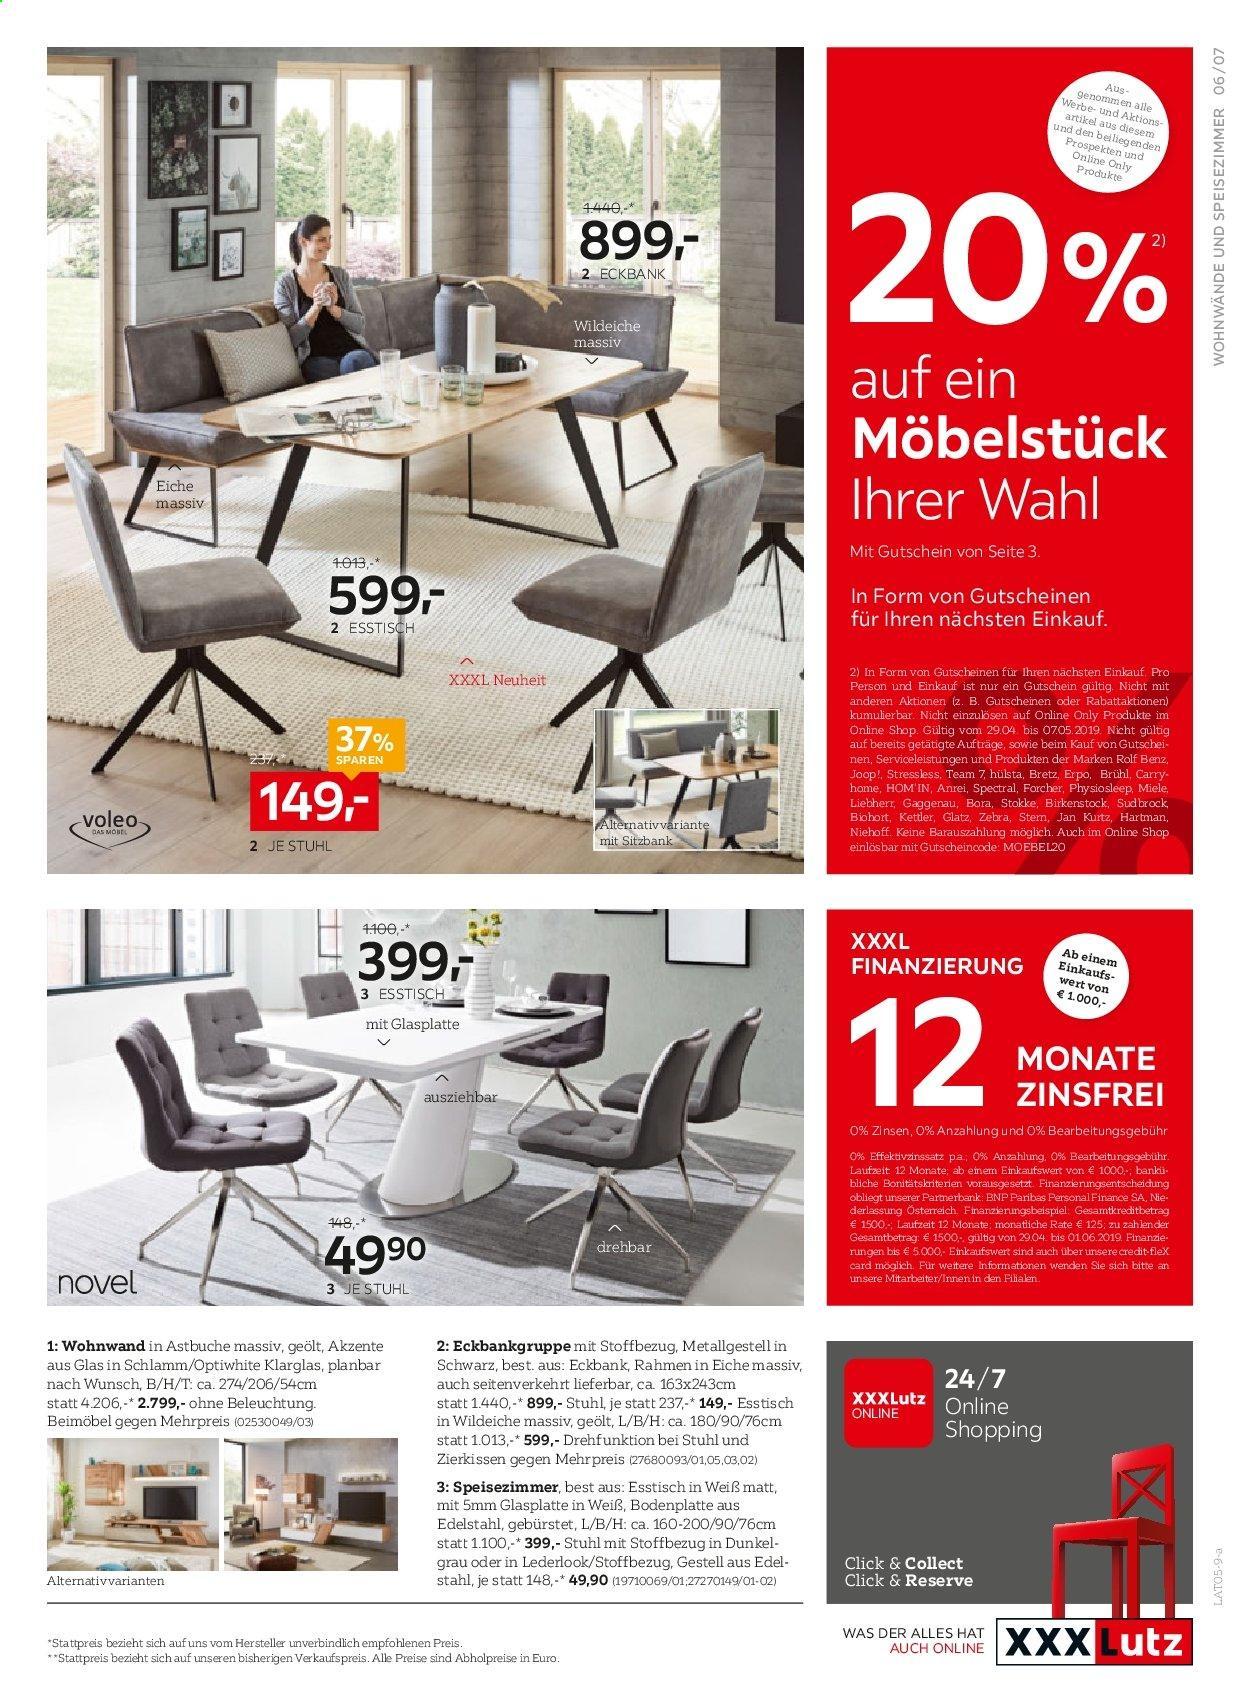 Full Size of Xxxlutz Angebote 2942019 752019 Wohnzimmer Eckbankgruppe Mömax